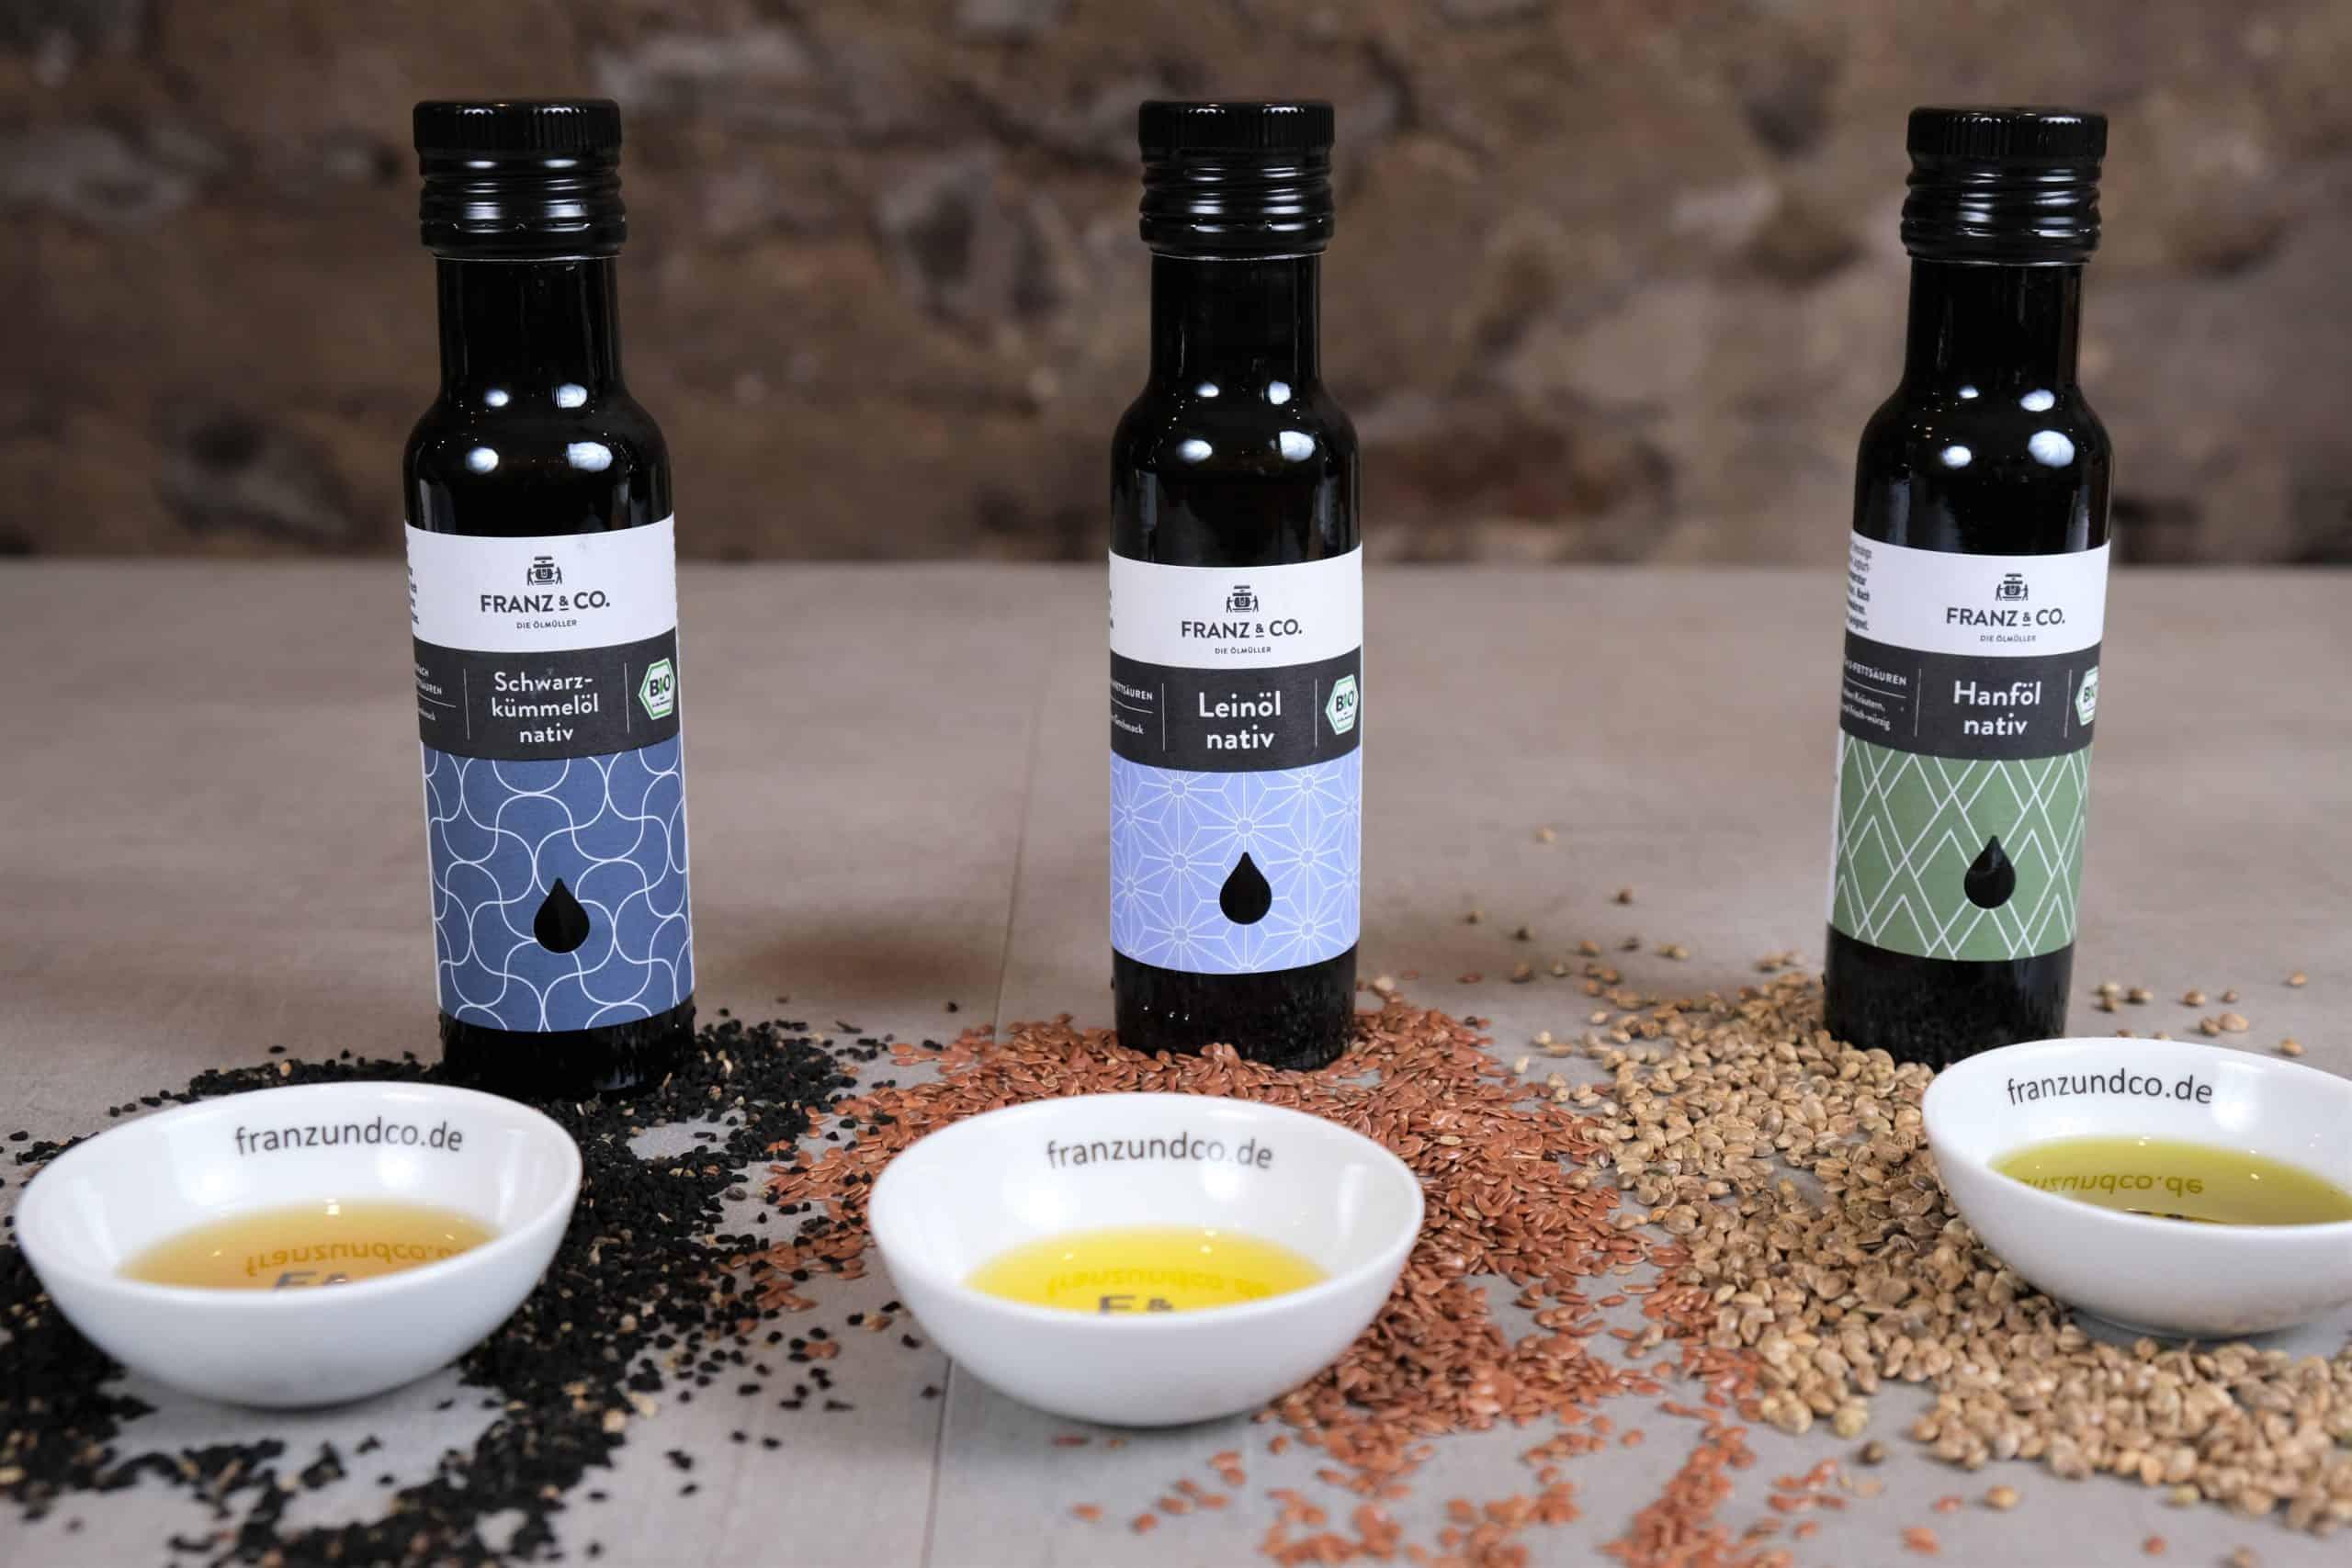 Drei Vitalöle Schwarzkümmelöl, Leinöl und Hanföl mit der Saat und und dem Öl im Schälchen